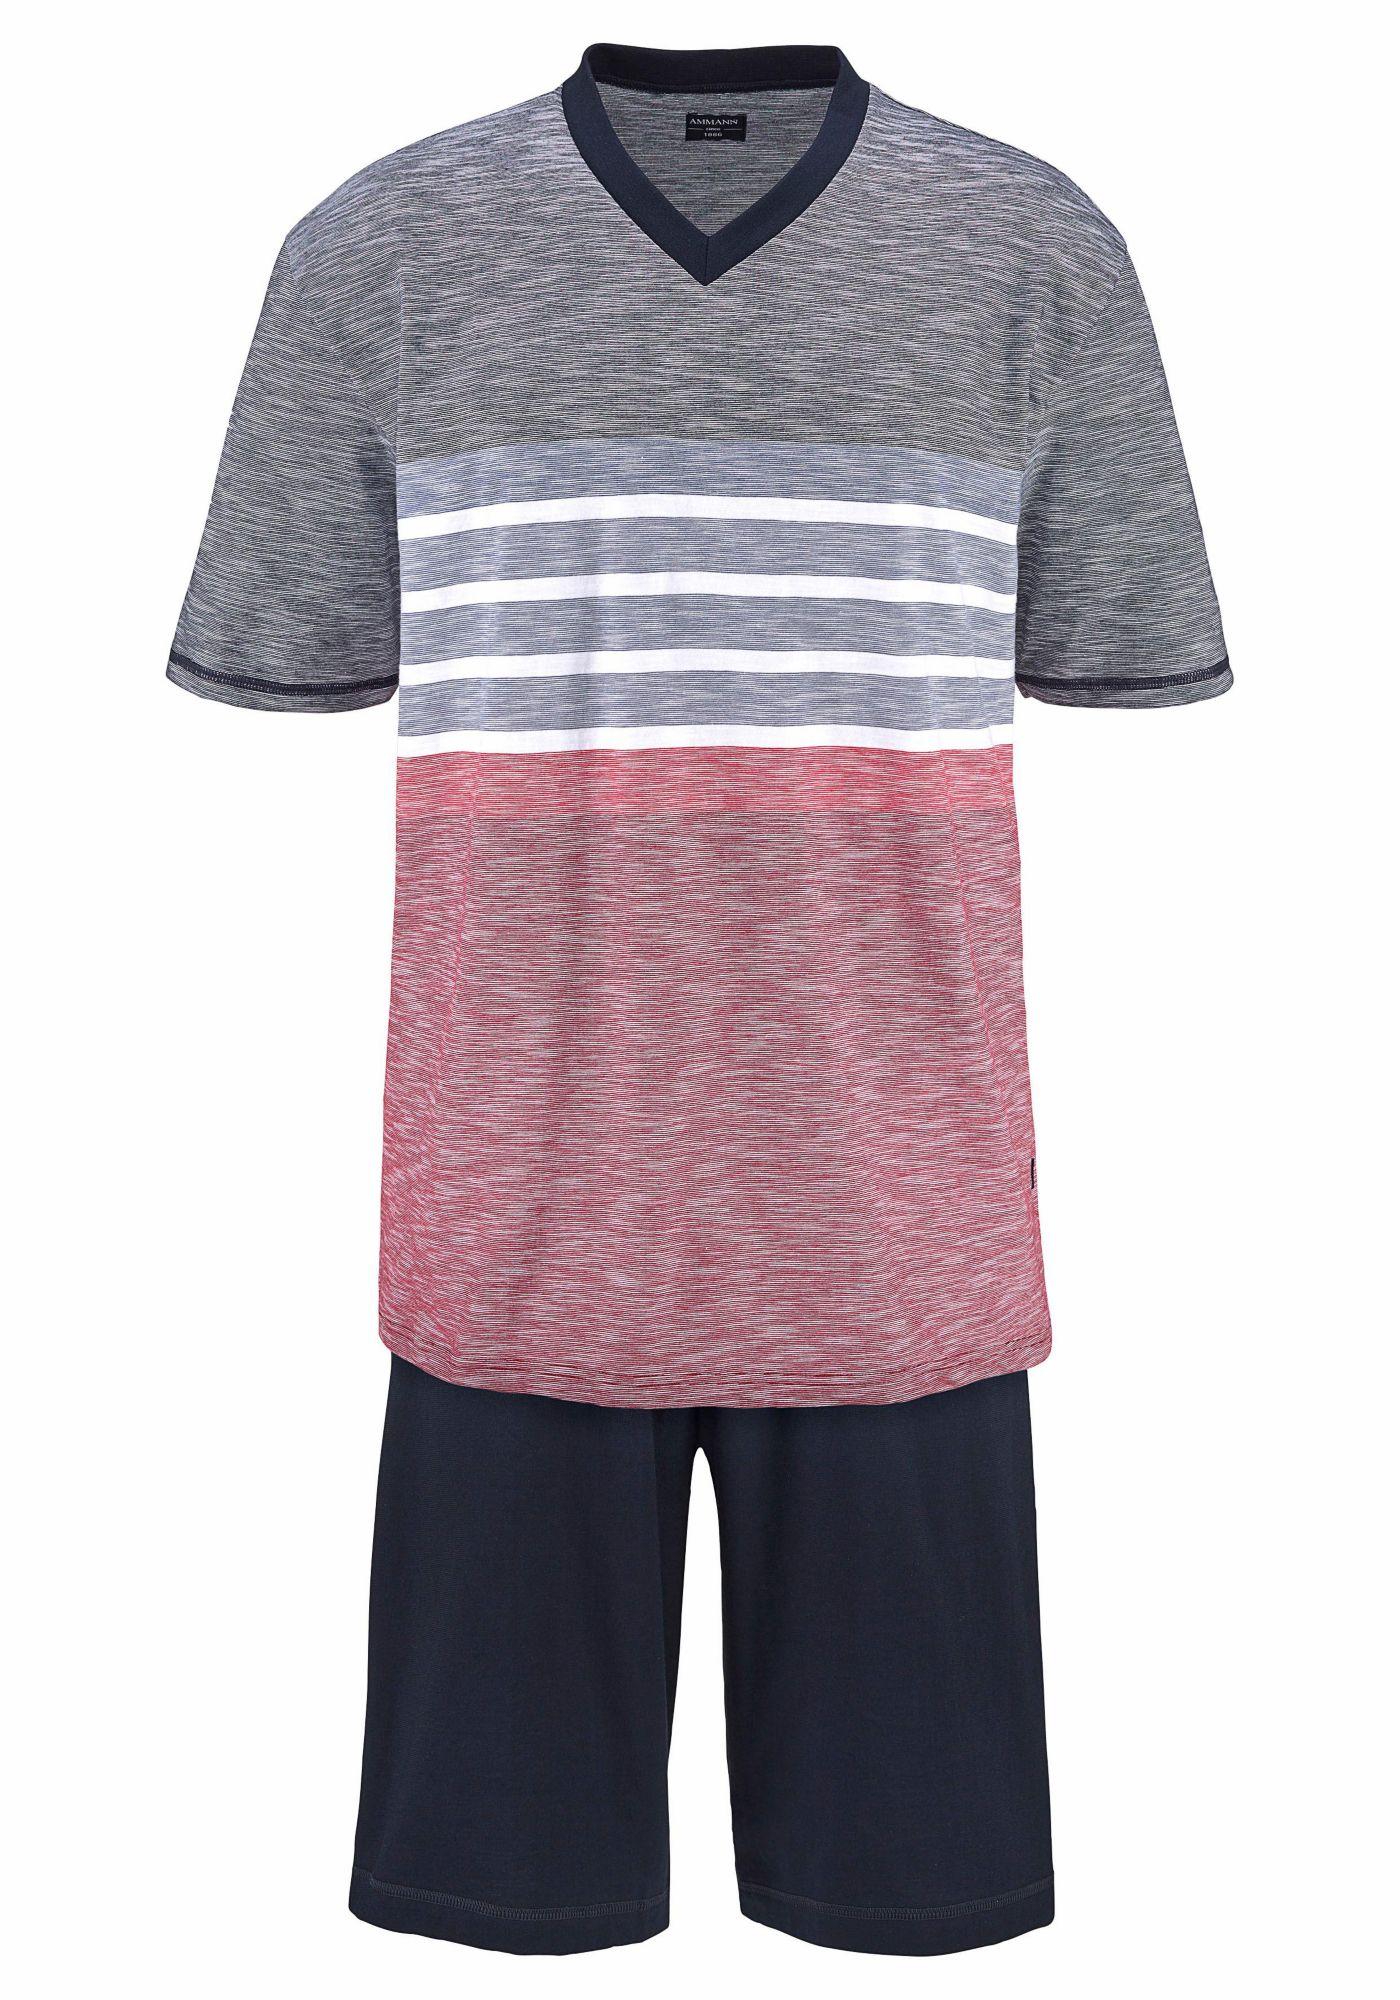 AMMANN Ammann Pyjama kurz in Melange Farben